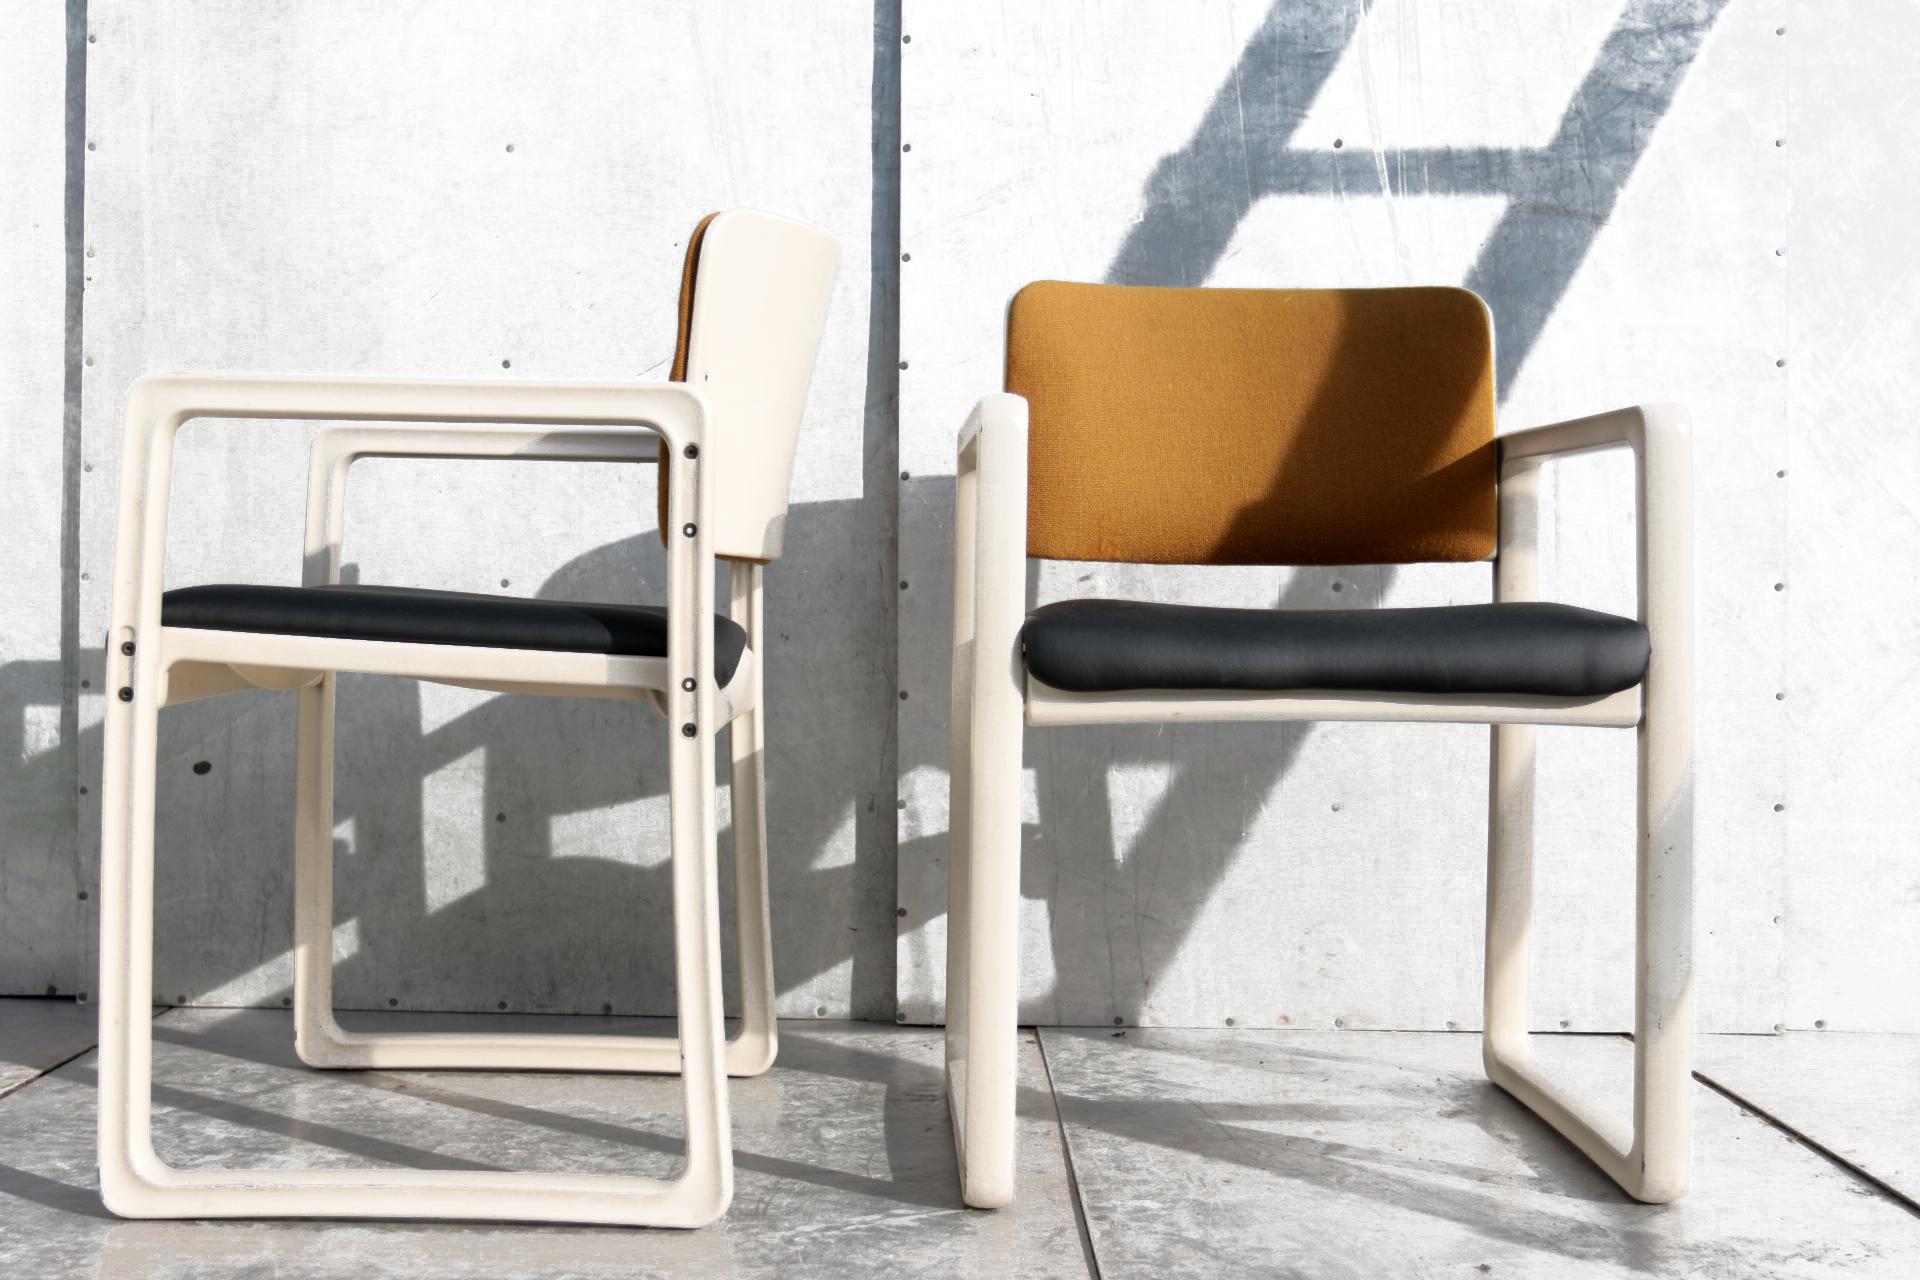 Vintage Design Eetkamerstoelen.Vintage Design Kembo Just Meijer Upsilon Stoelen Jaren 70